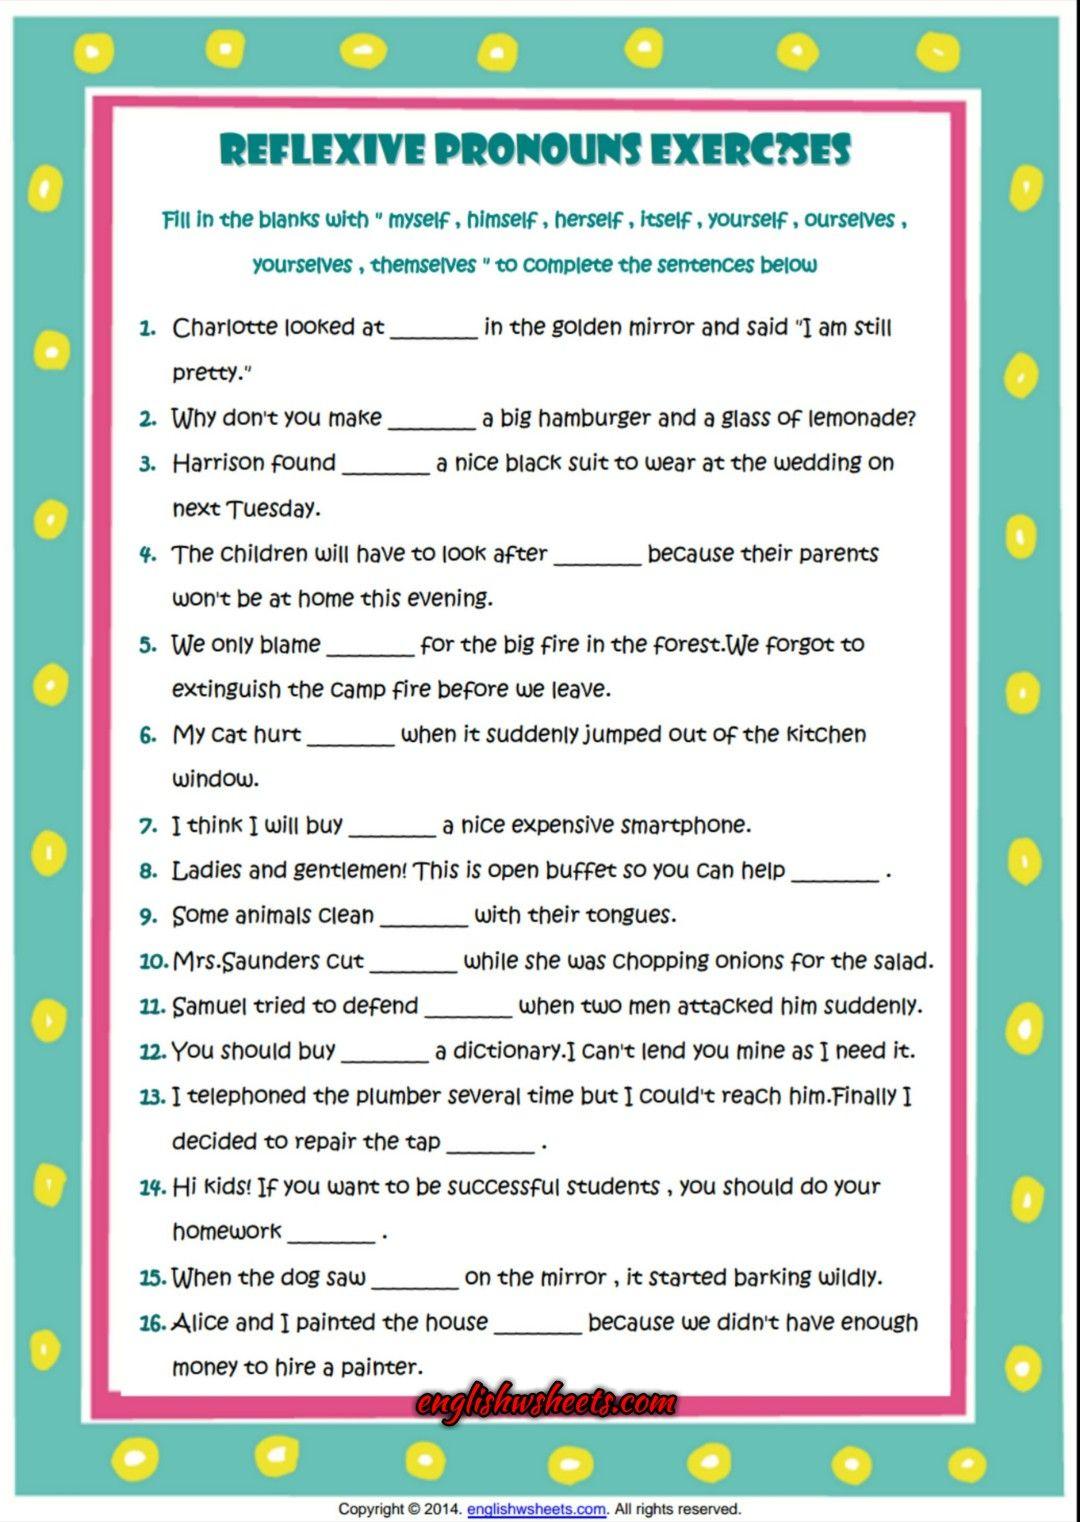 reflexive pronouns esl grammar exercise worksheet esl printable grammar worksheet and. Black Bedroom Furniture Sets. Home Design Ideas